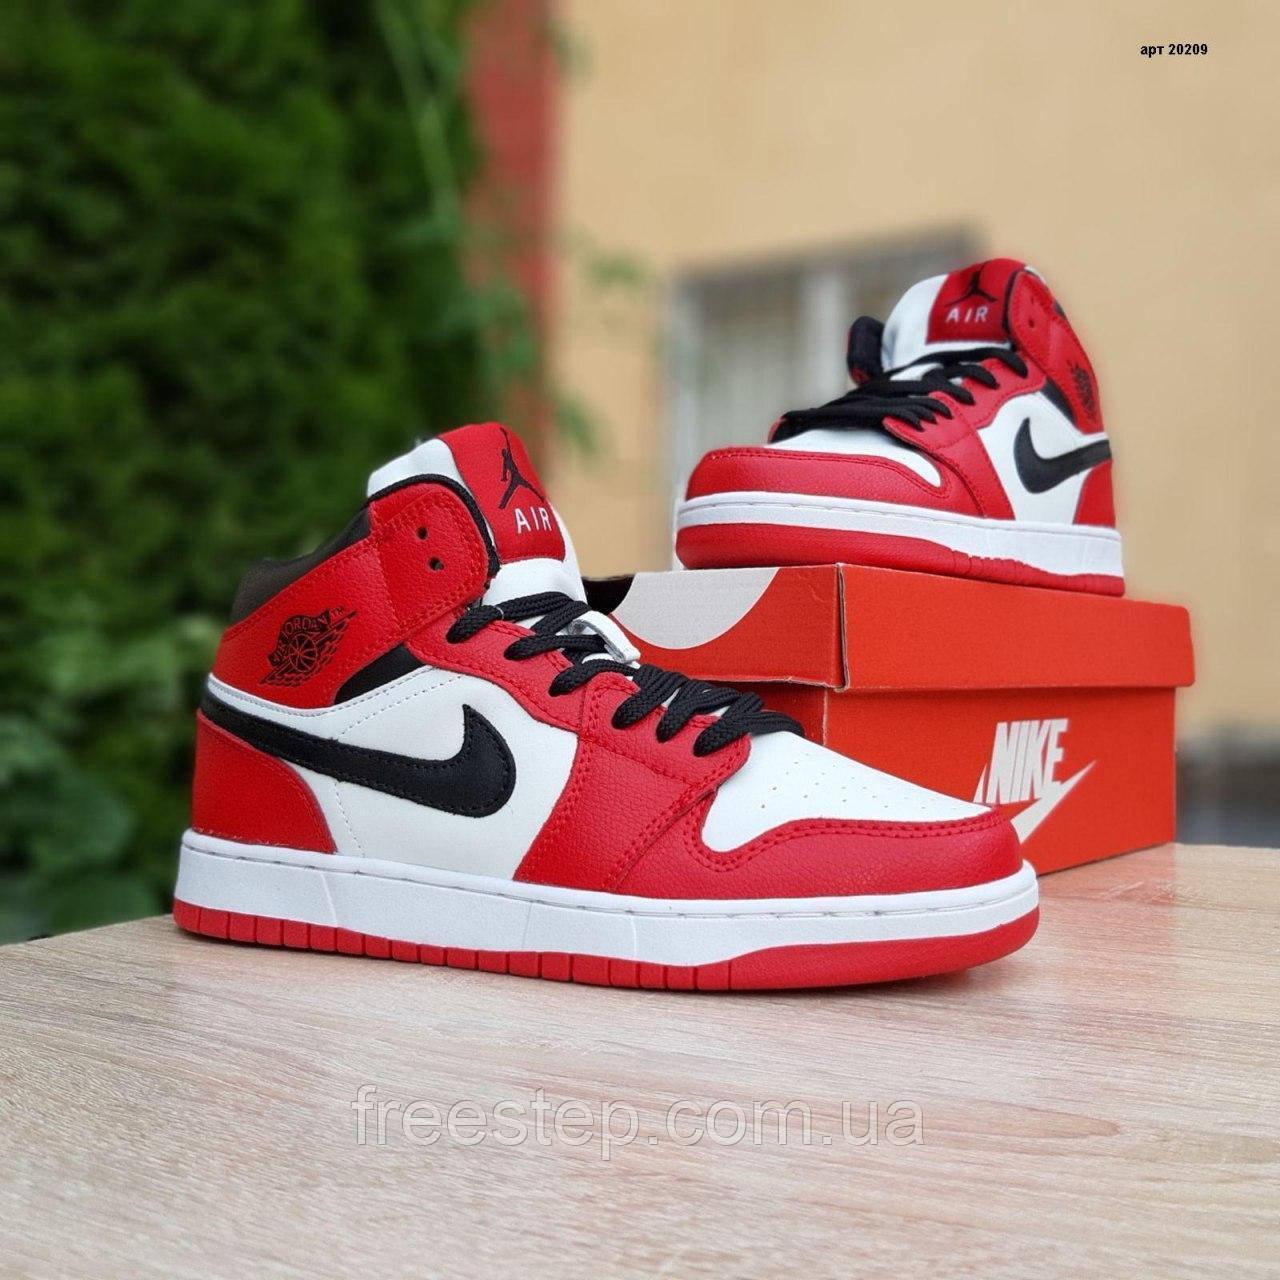 Жіночі кросівки в стилі Nike Air Jordan 1 Retro червоні з білим